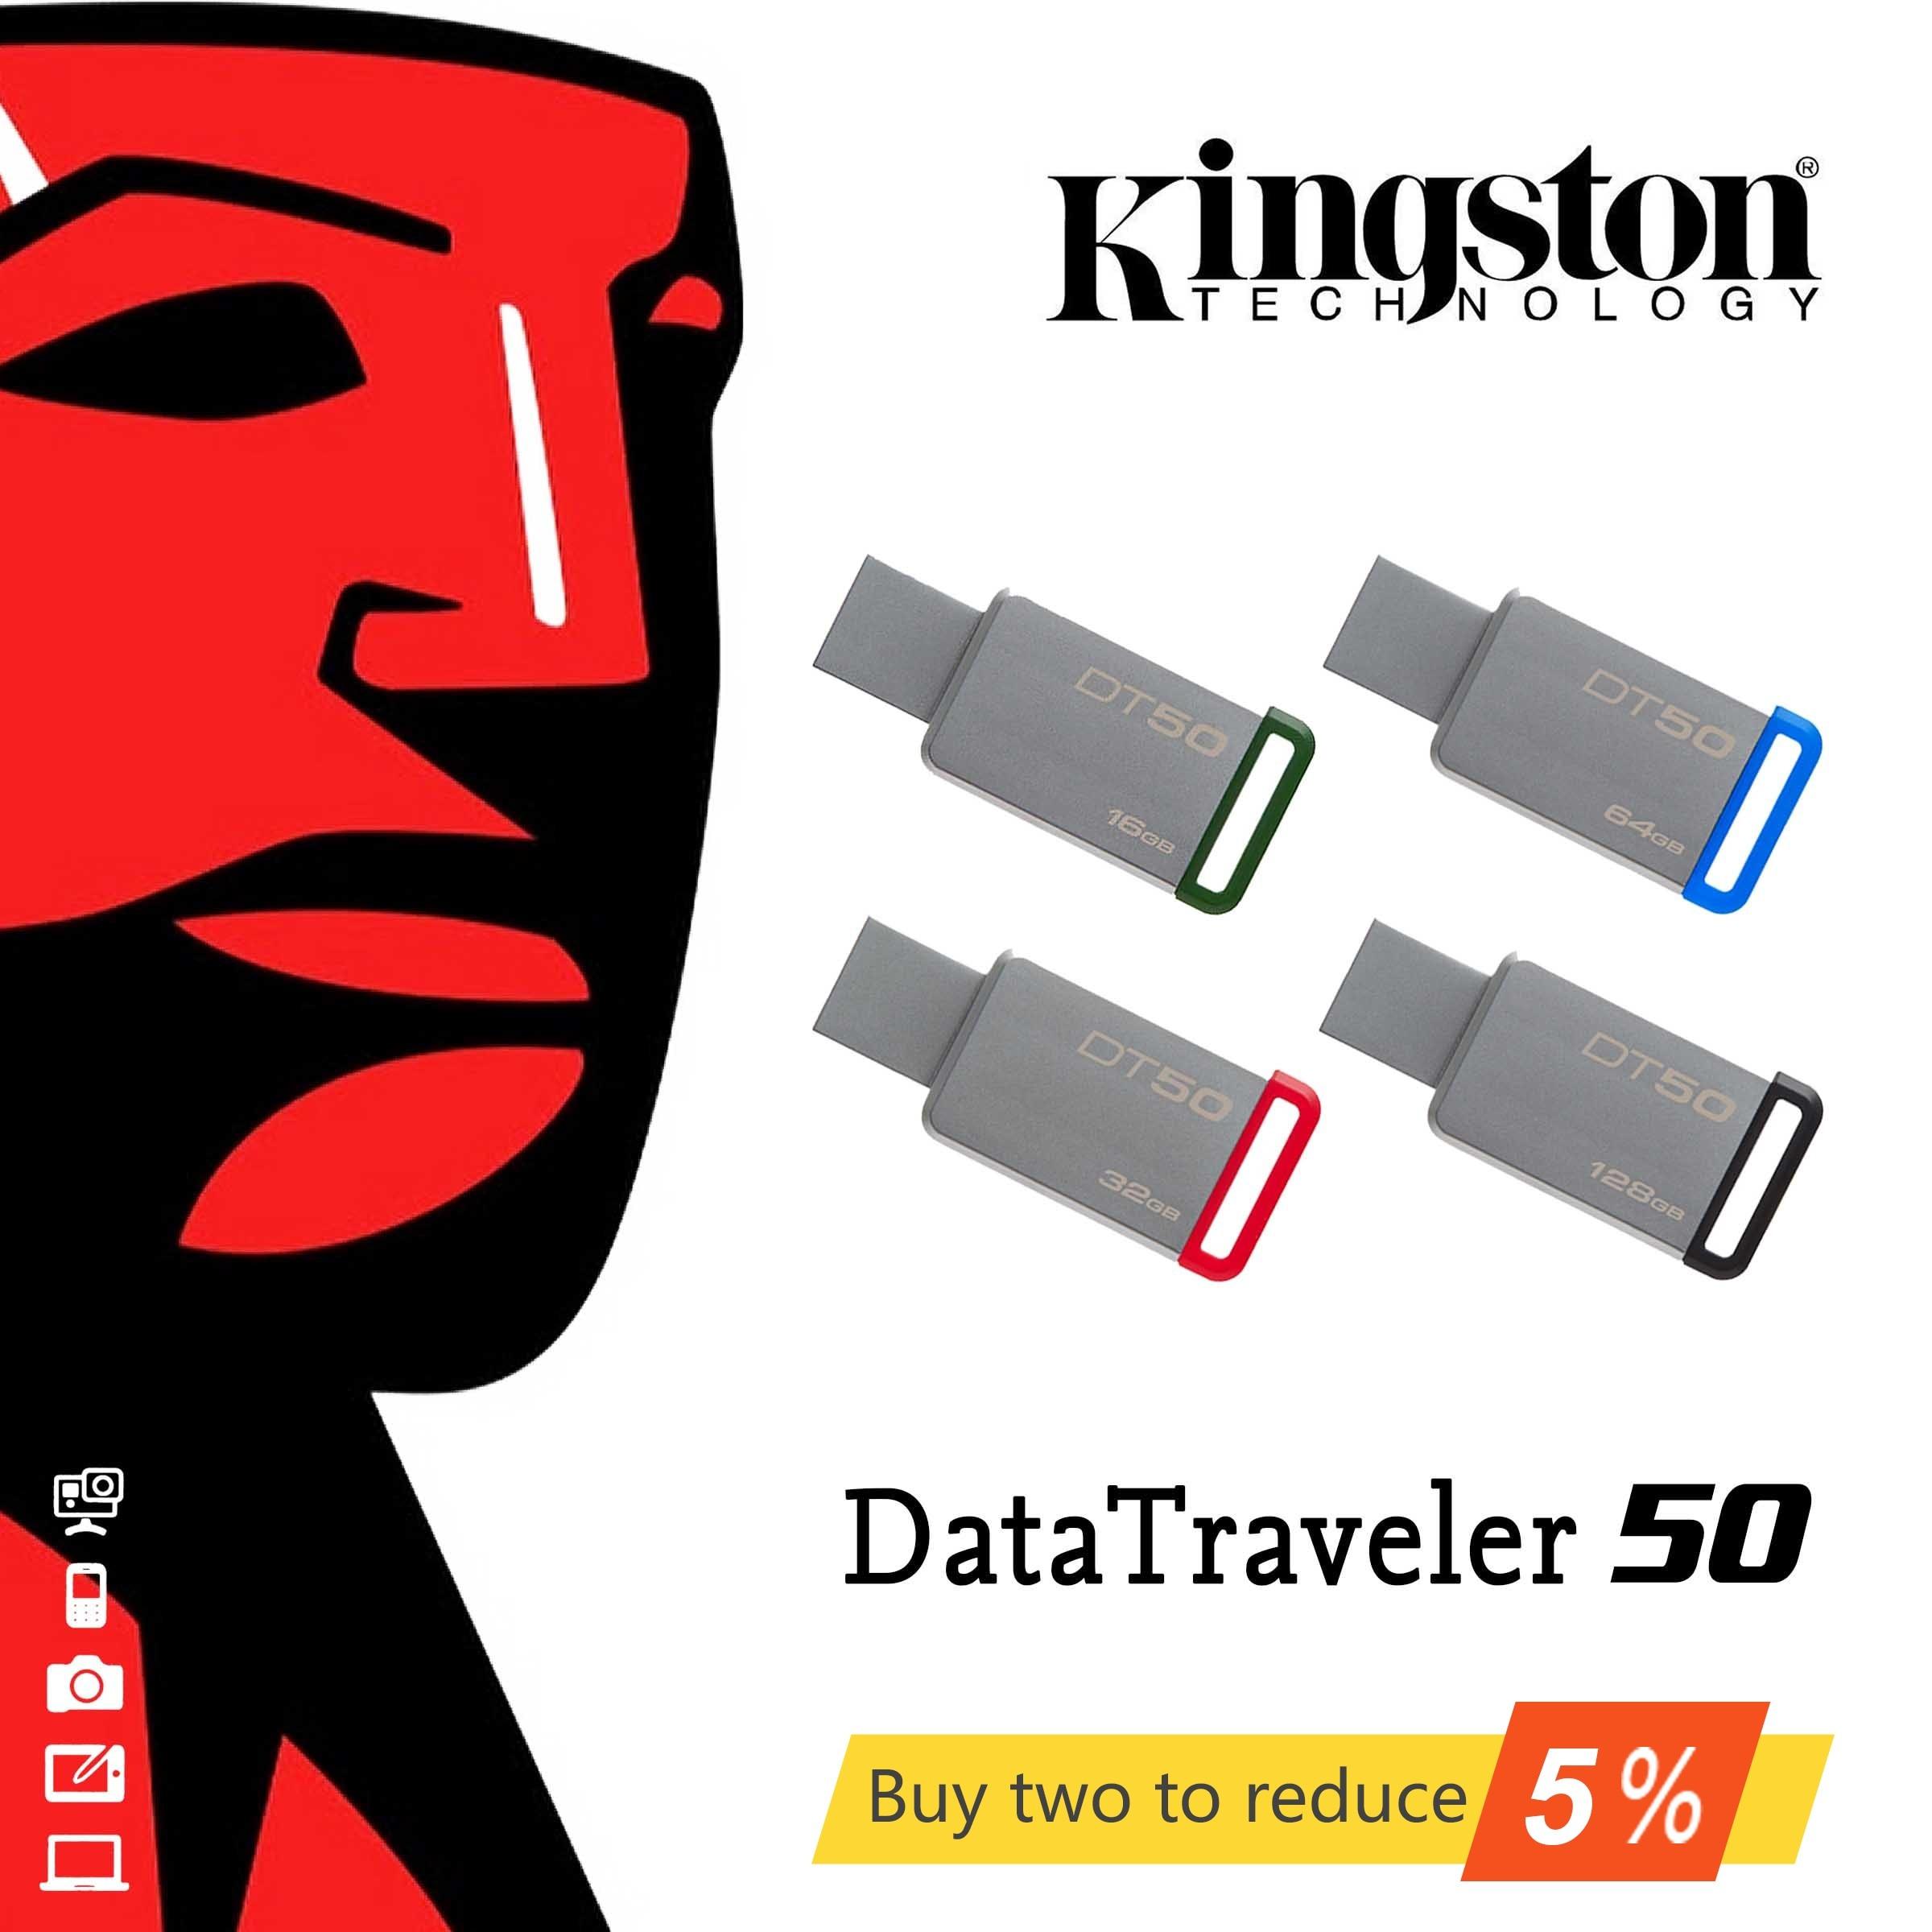 Aço inoxidável DT50 Original Kingston USB Drives Flash USB 3.1 GB 64 32 GB 128 GB U Disco da Pena do USB movimentação Da Vara 16 32 64 Pendrives GB